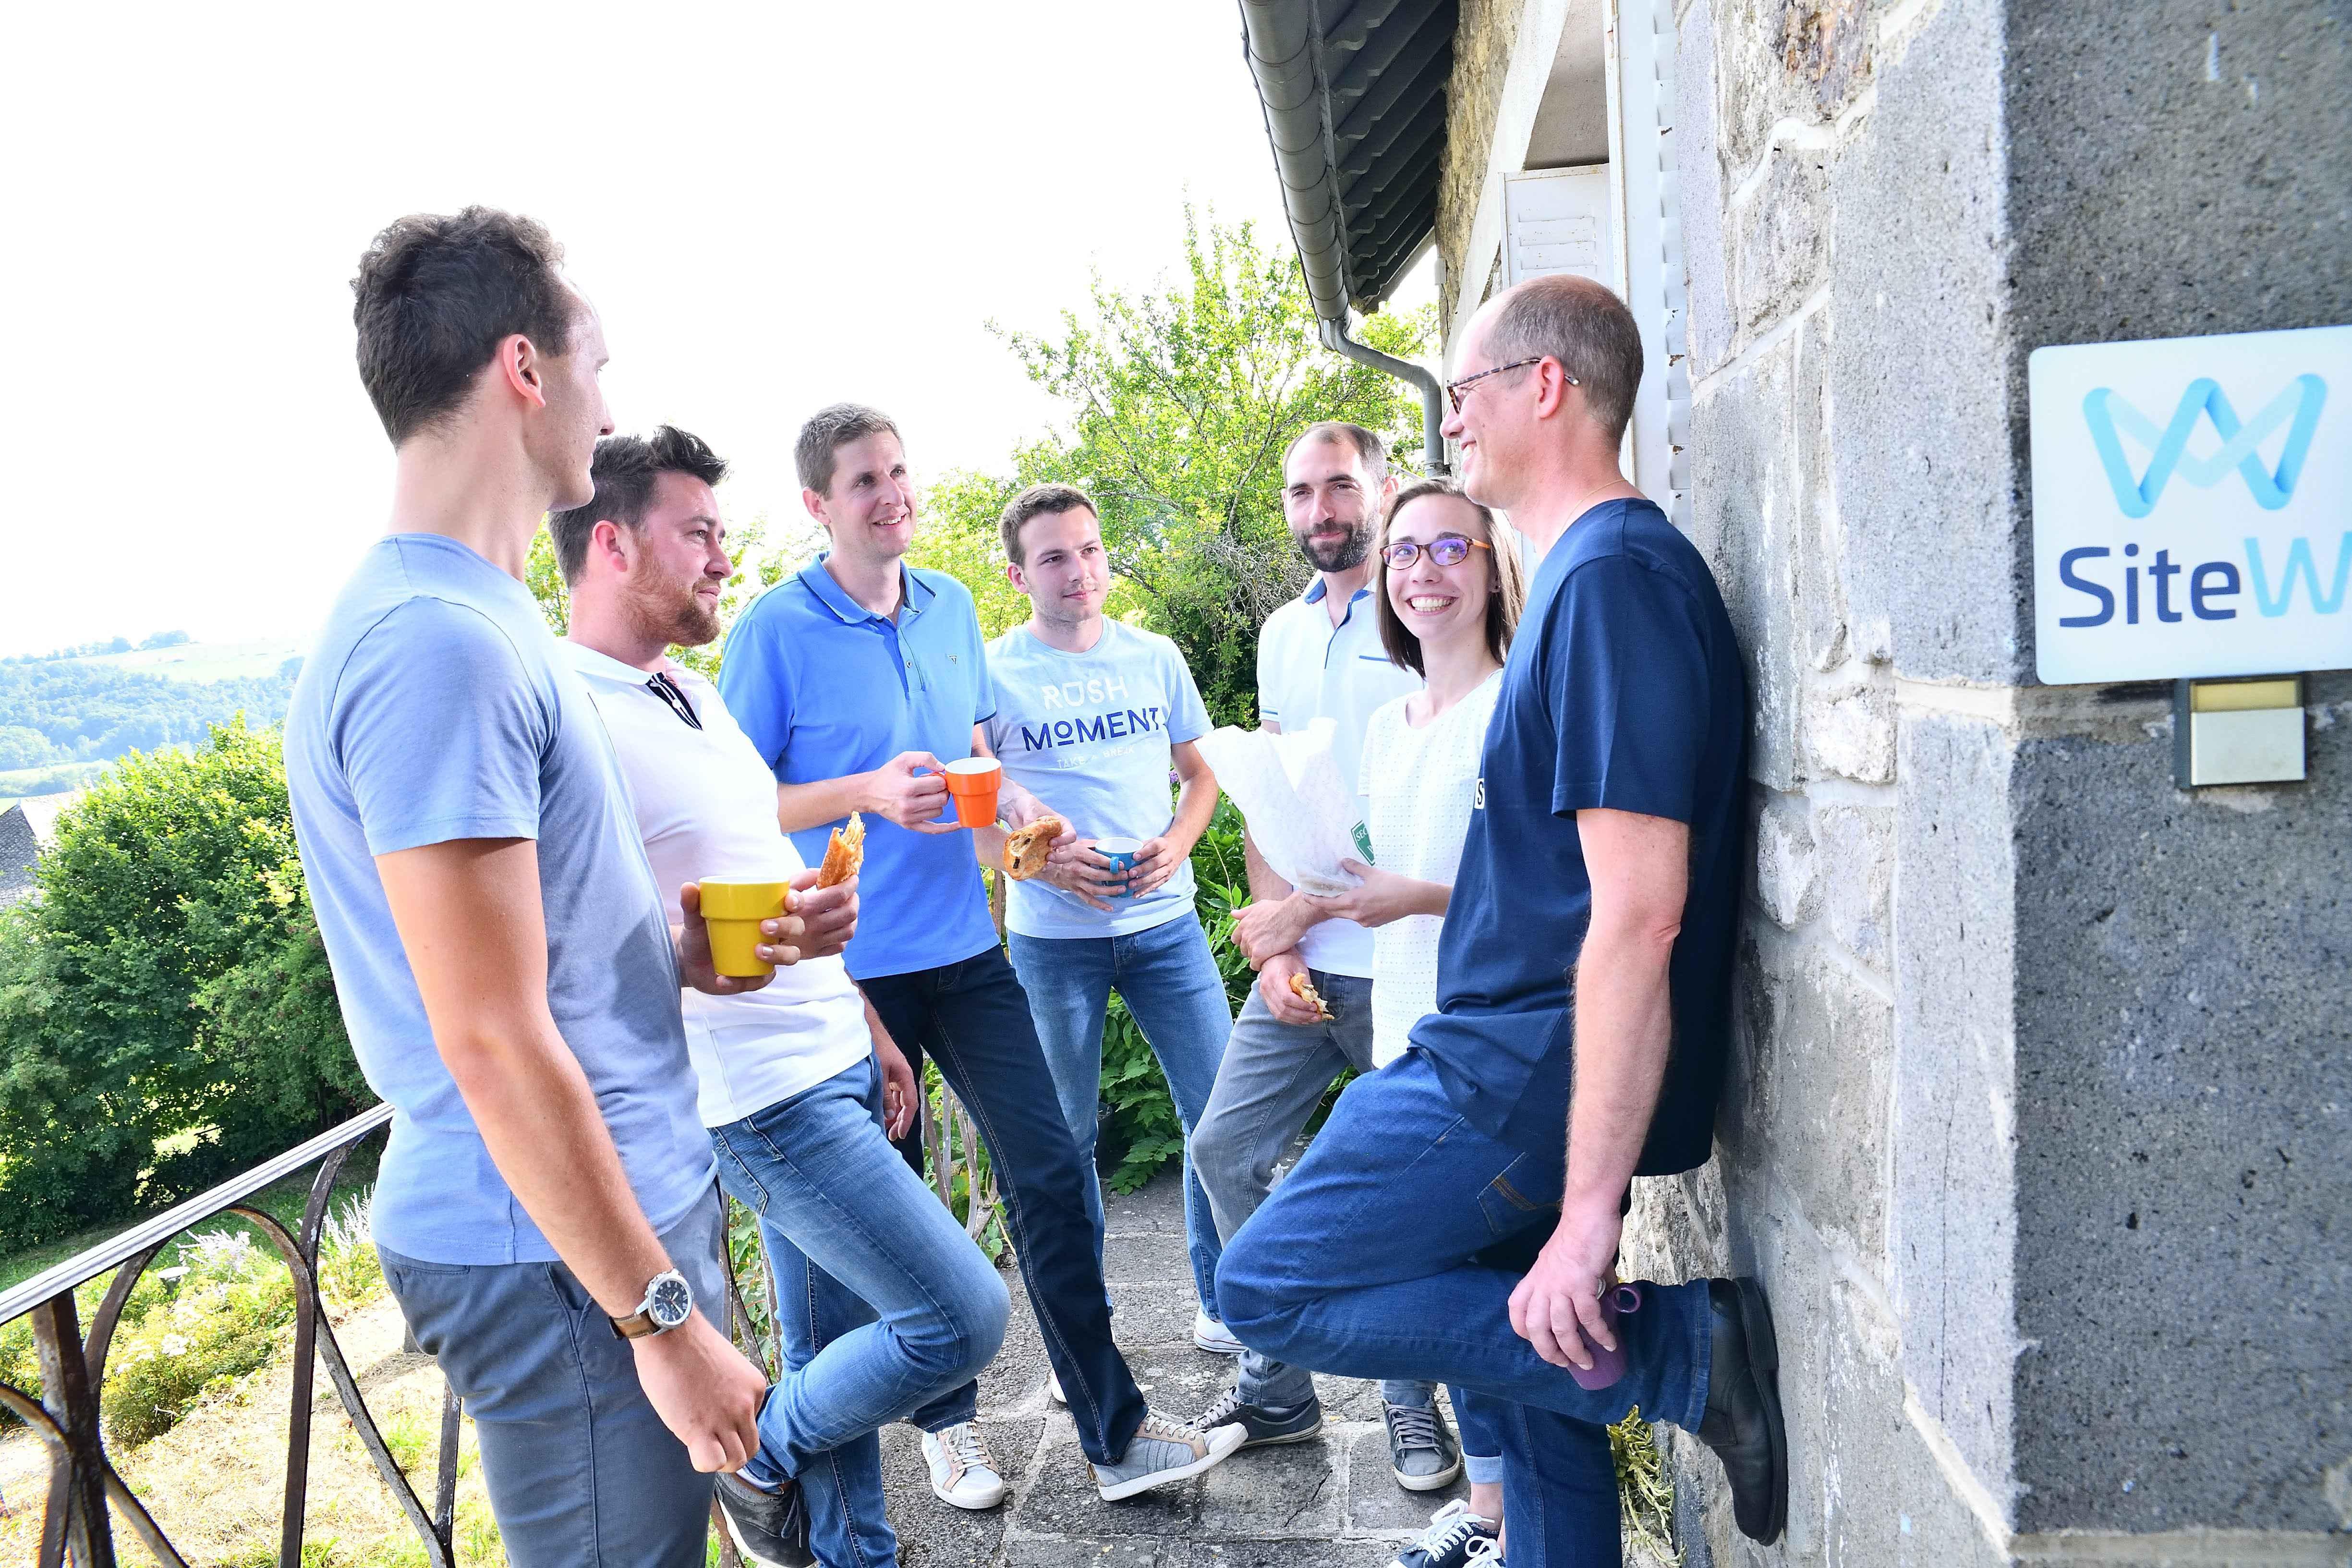 sitew team terrasse